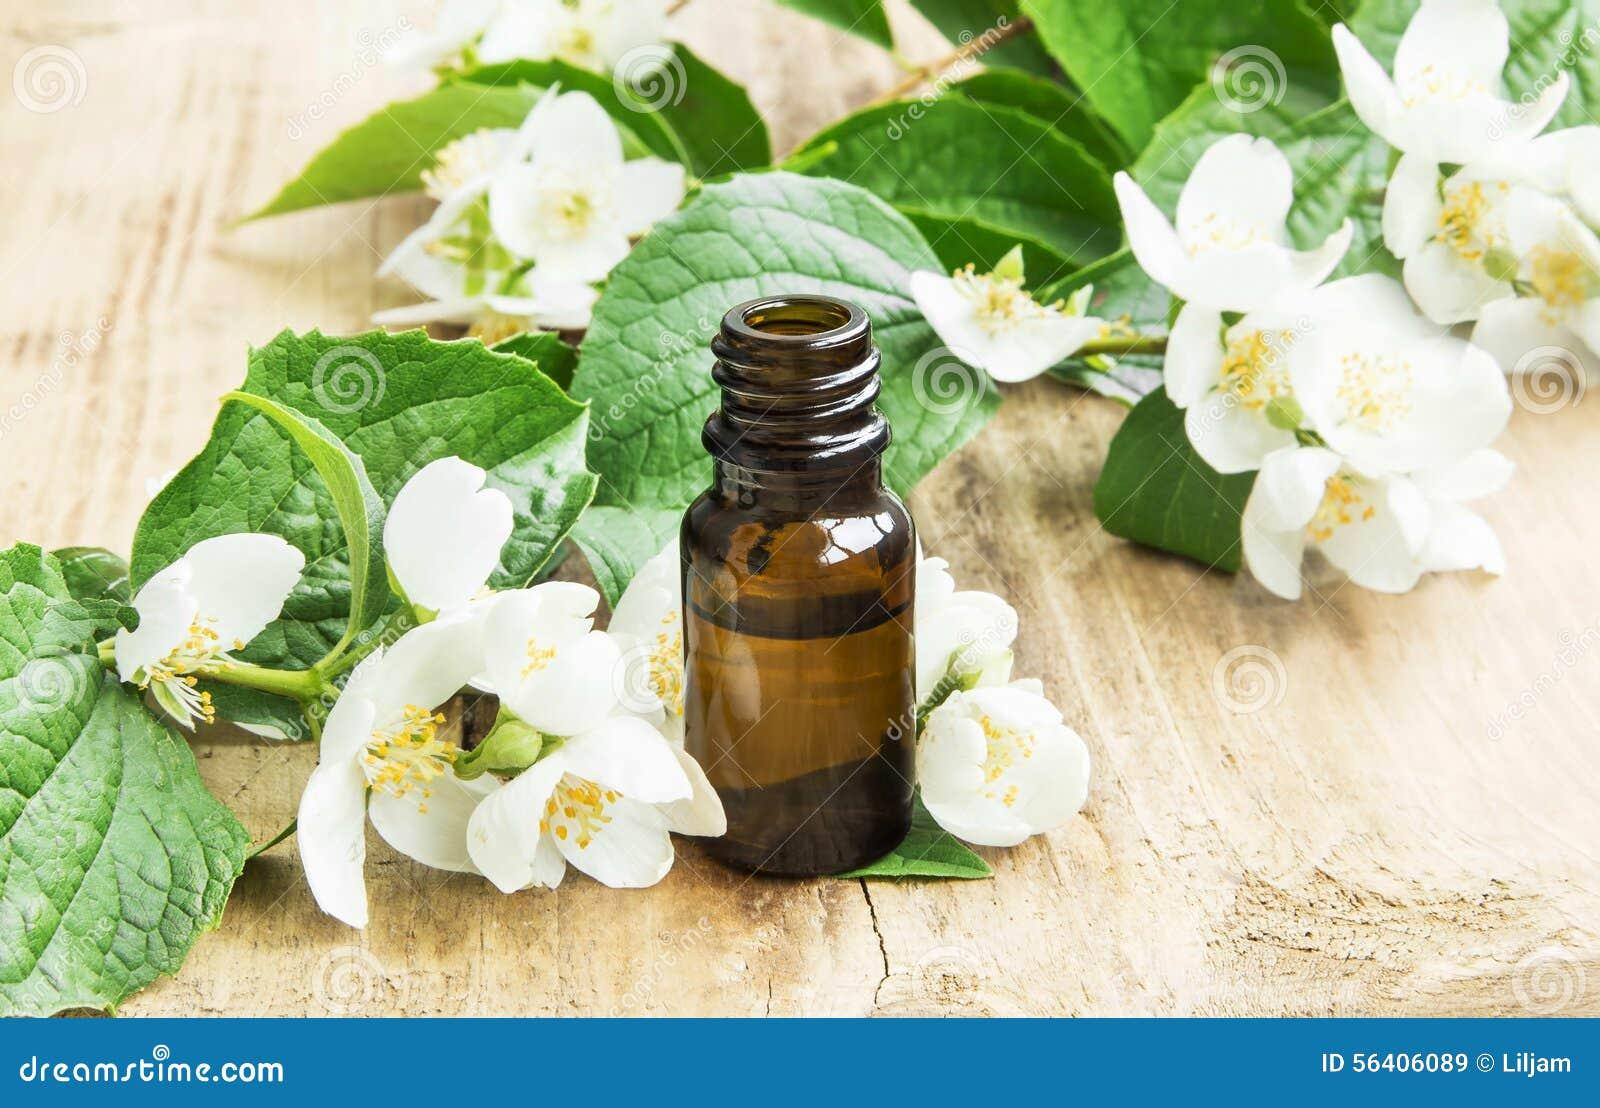 Jasmine Scent Essential Oil